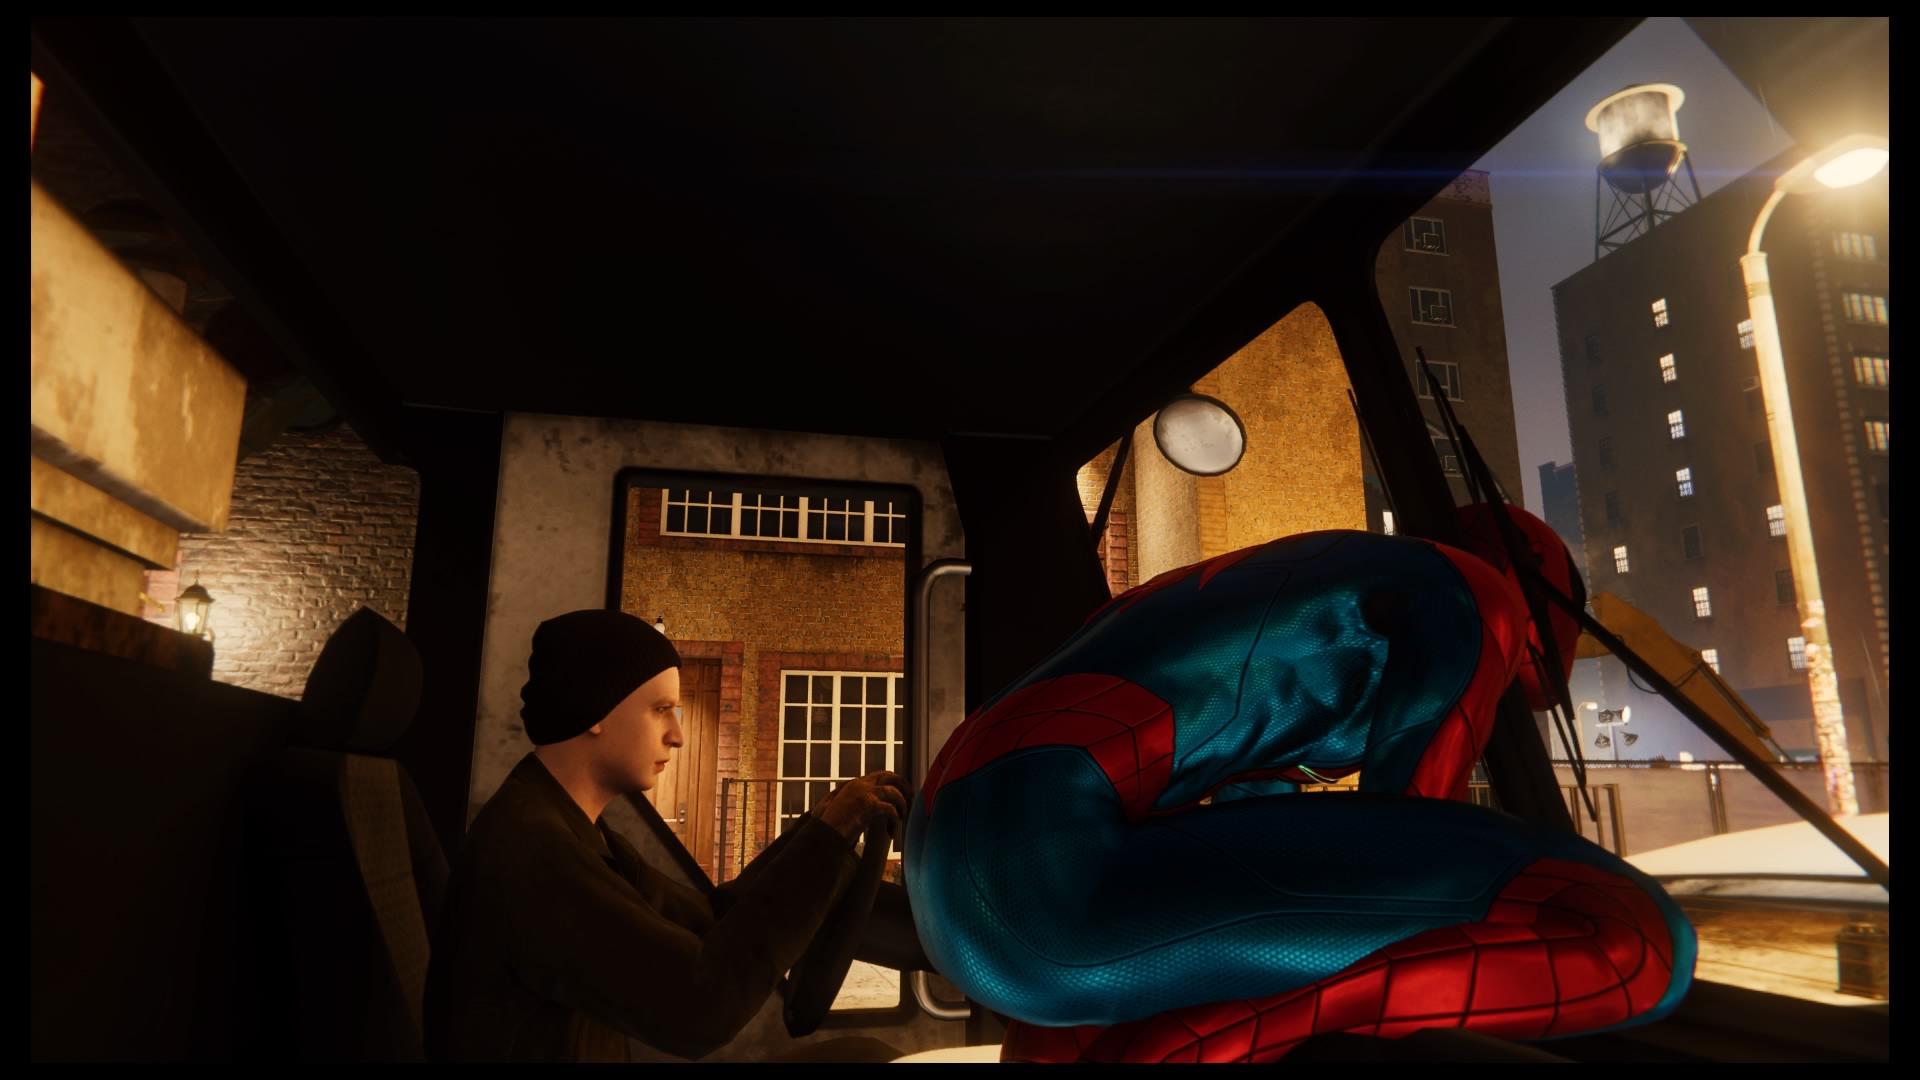 Marvel's Spider-Man_20181030191432.jpg - Marvel's Spider-Man